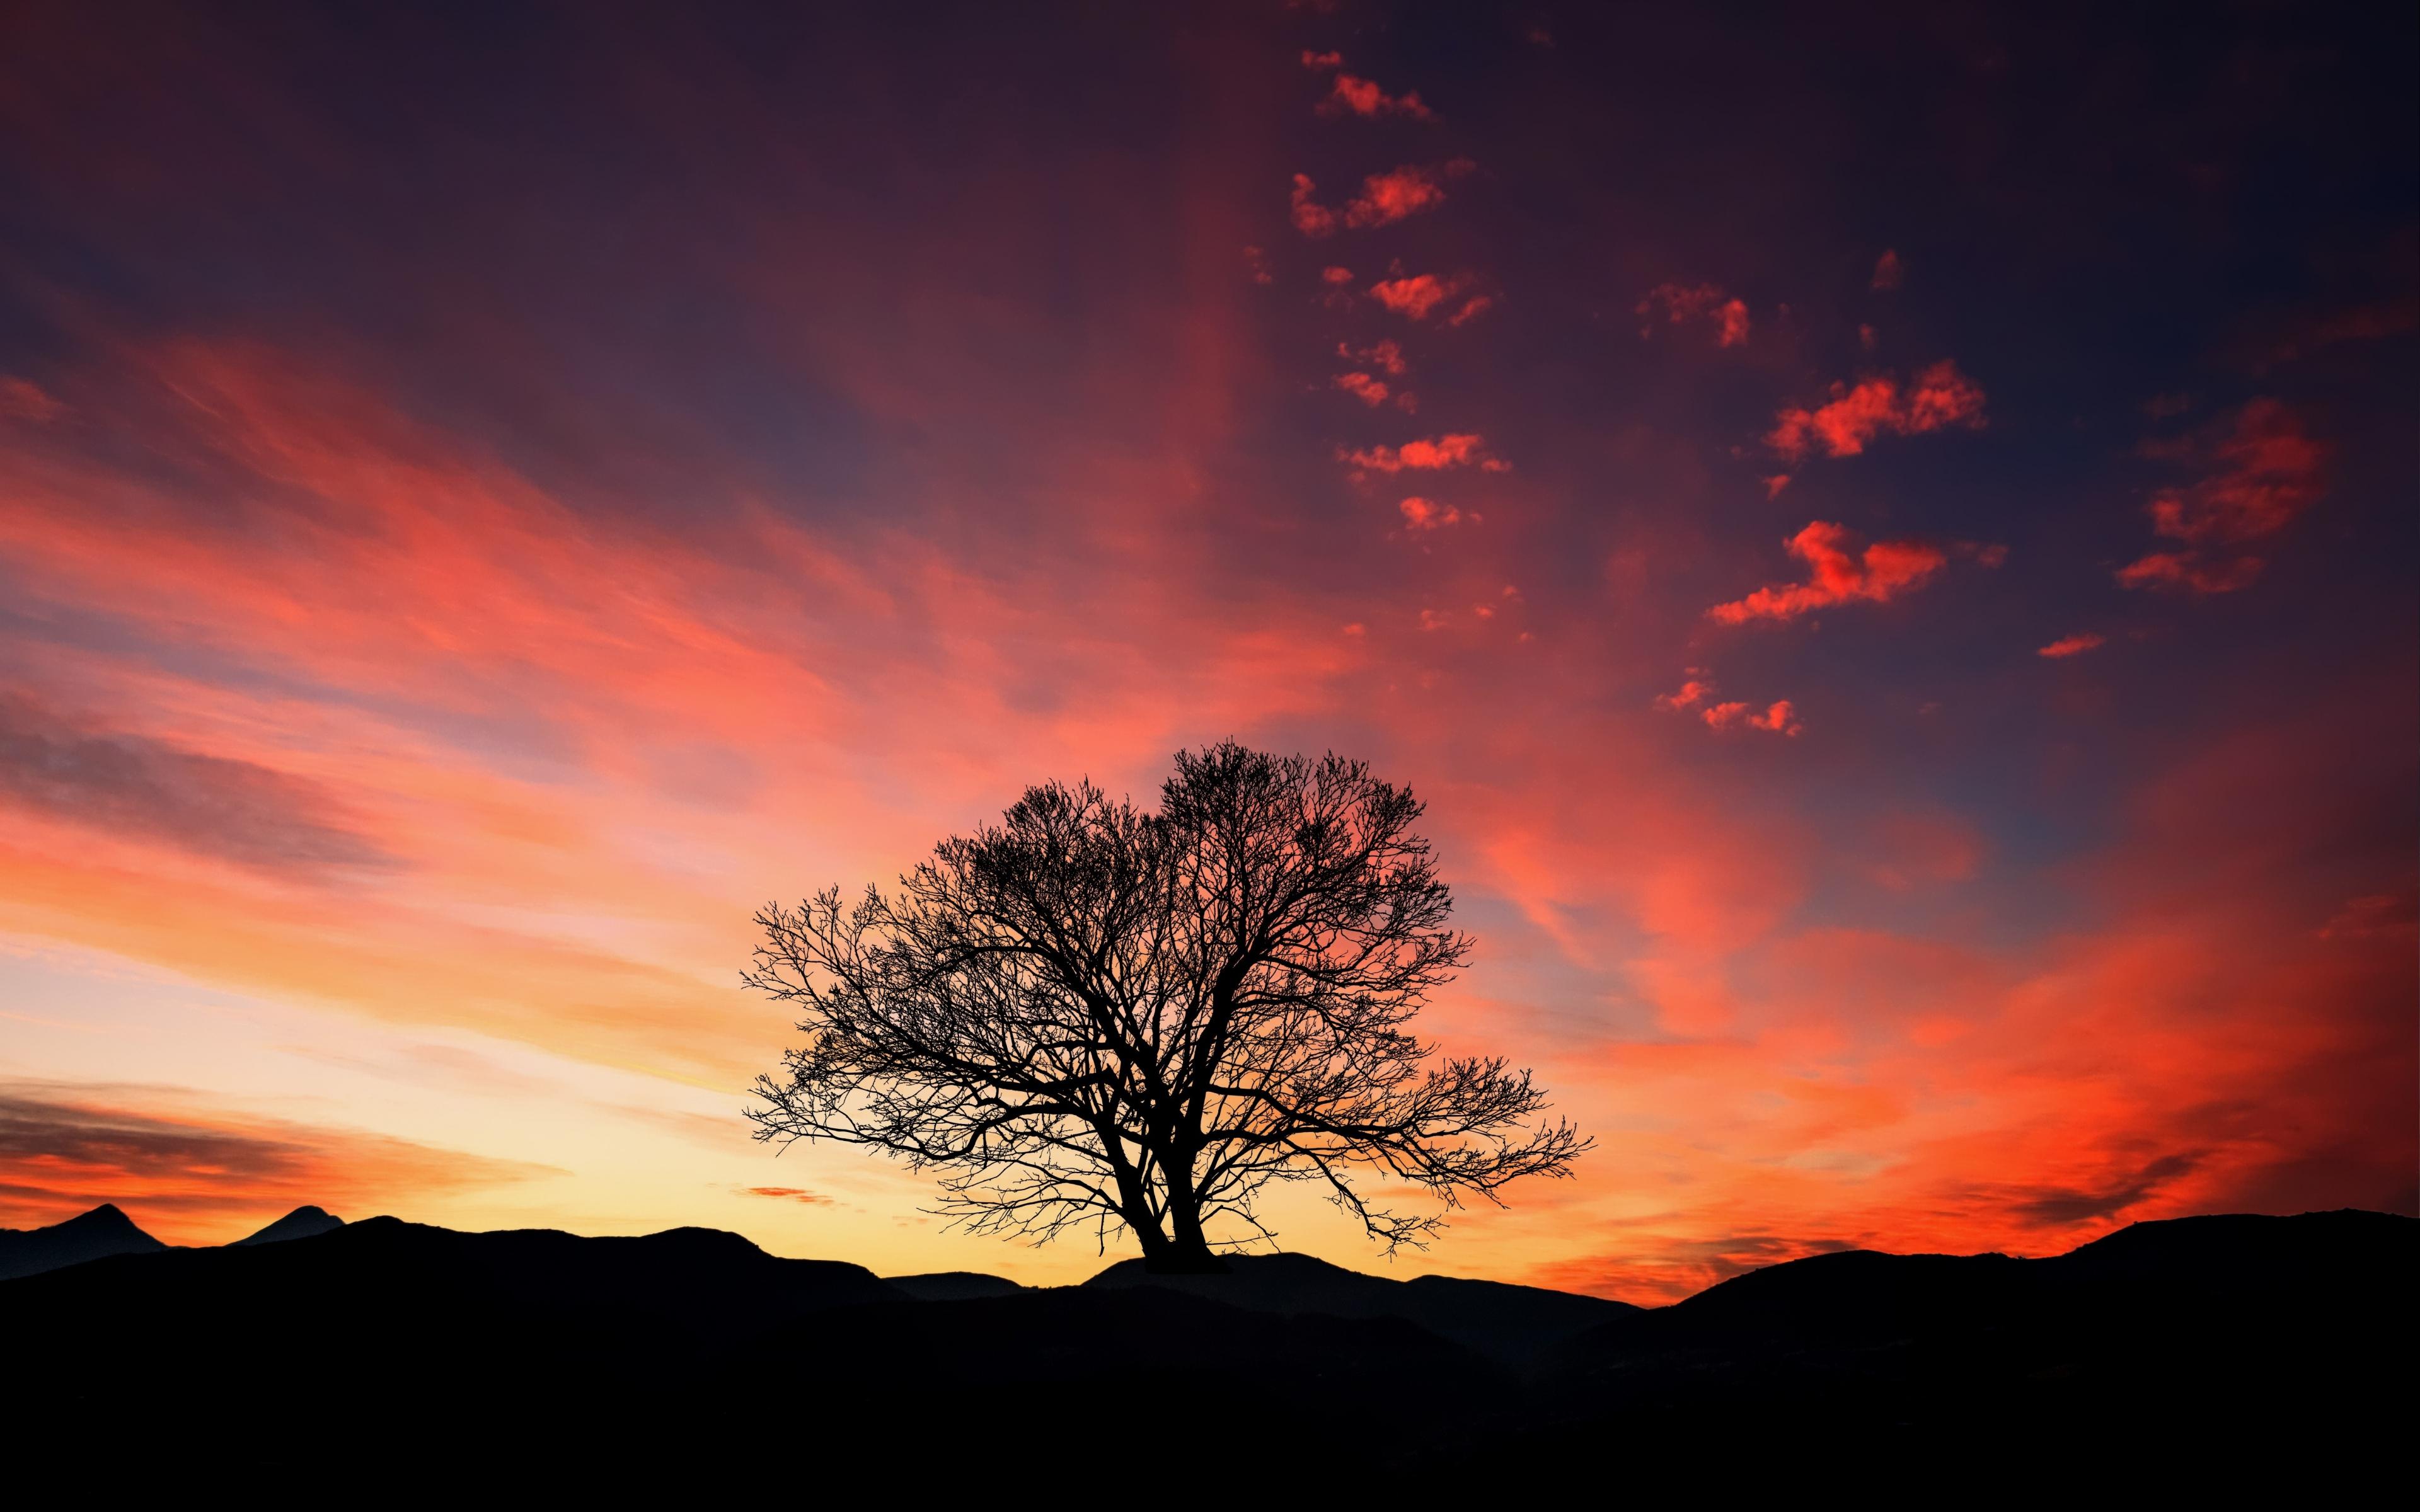 одинокое дерево небо закат скачать